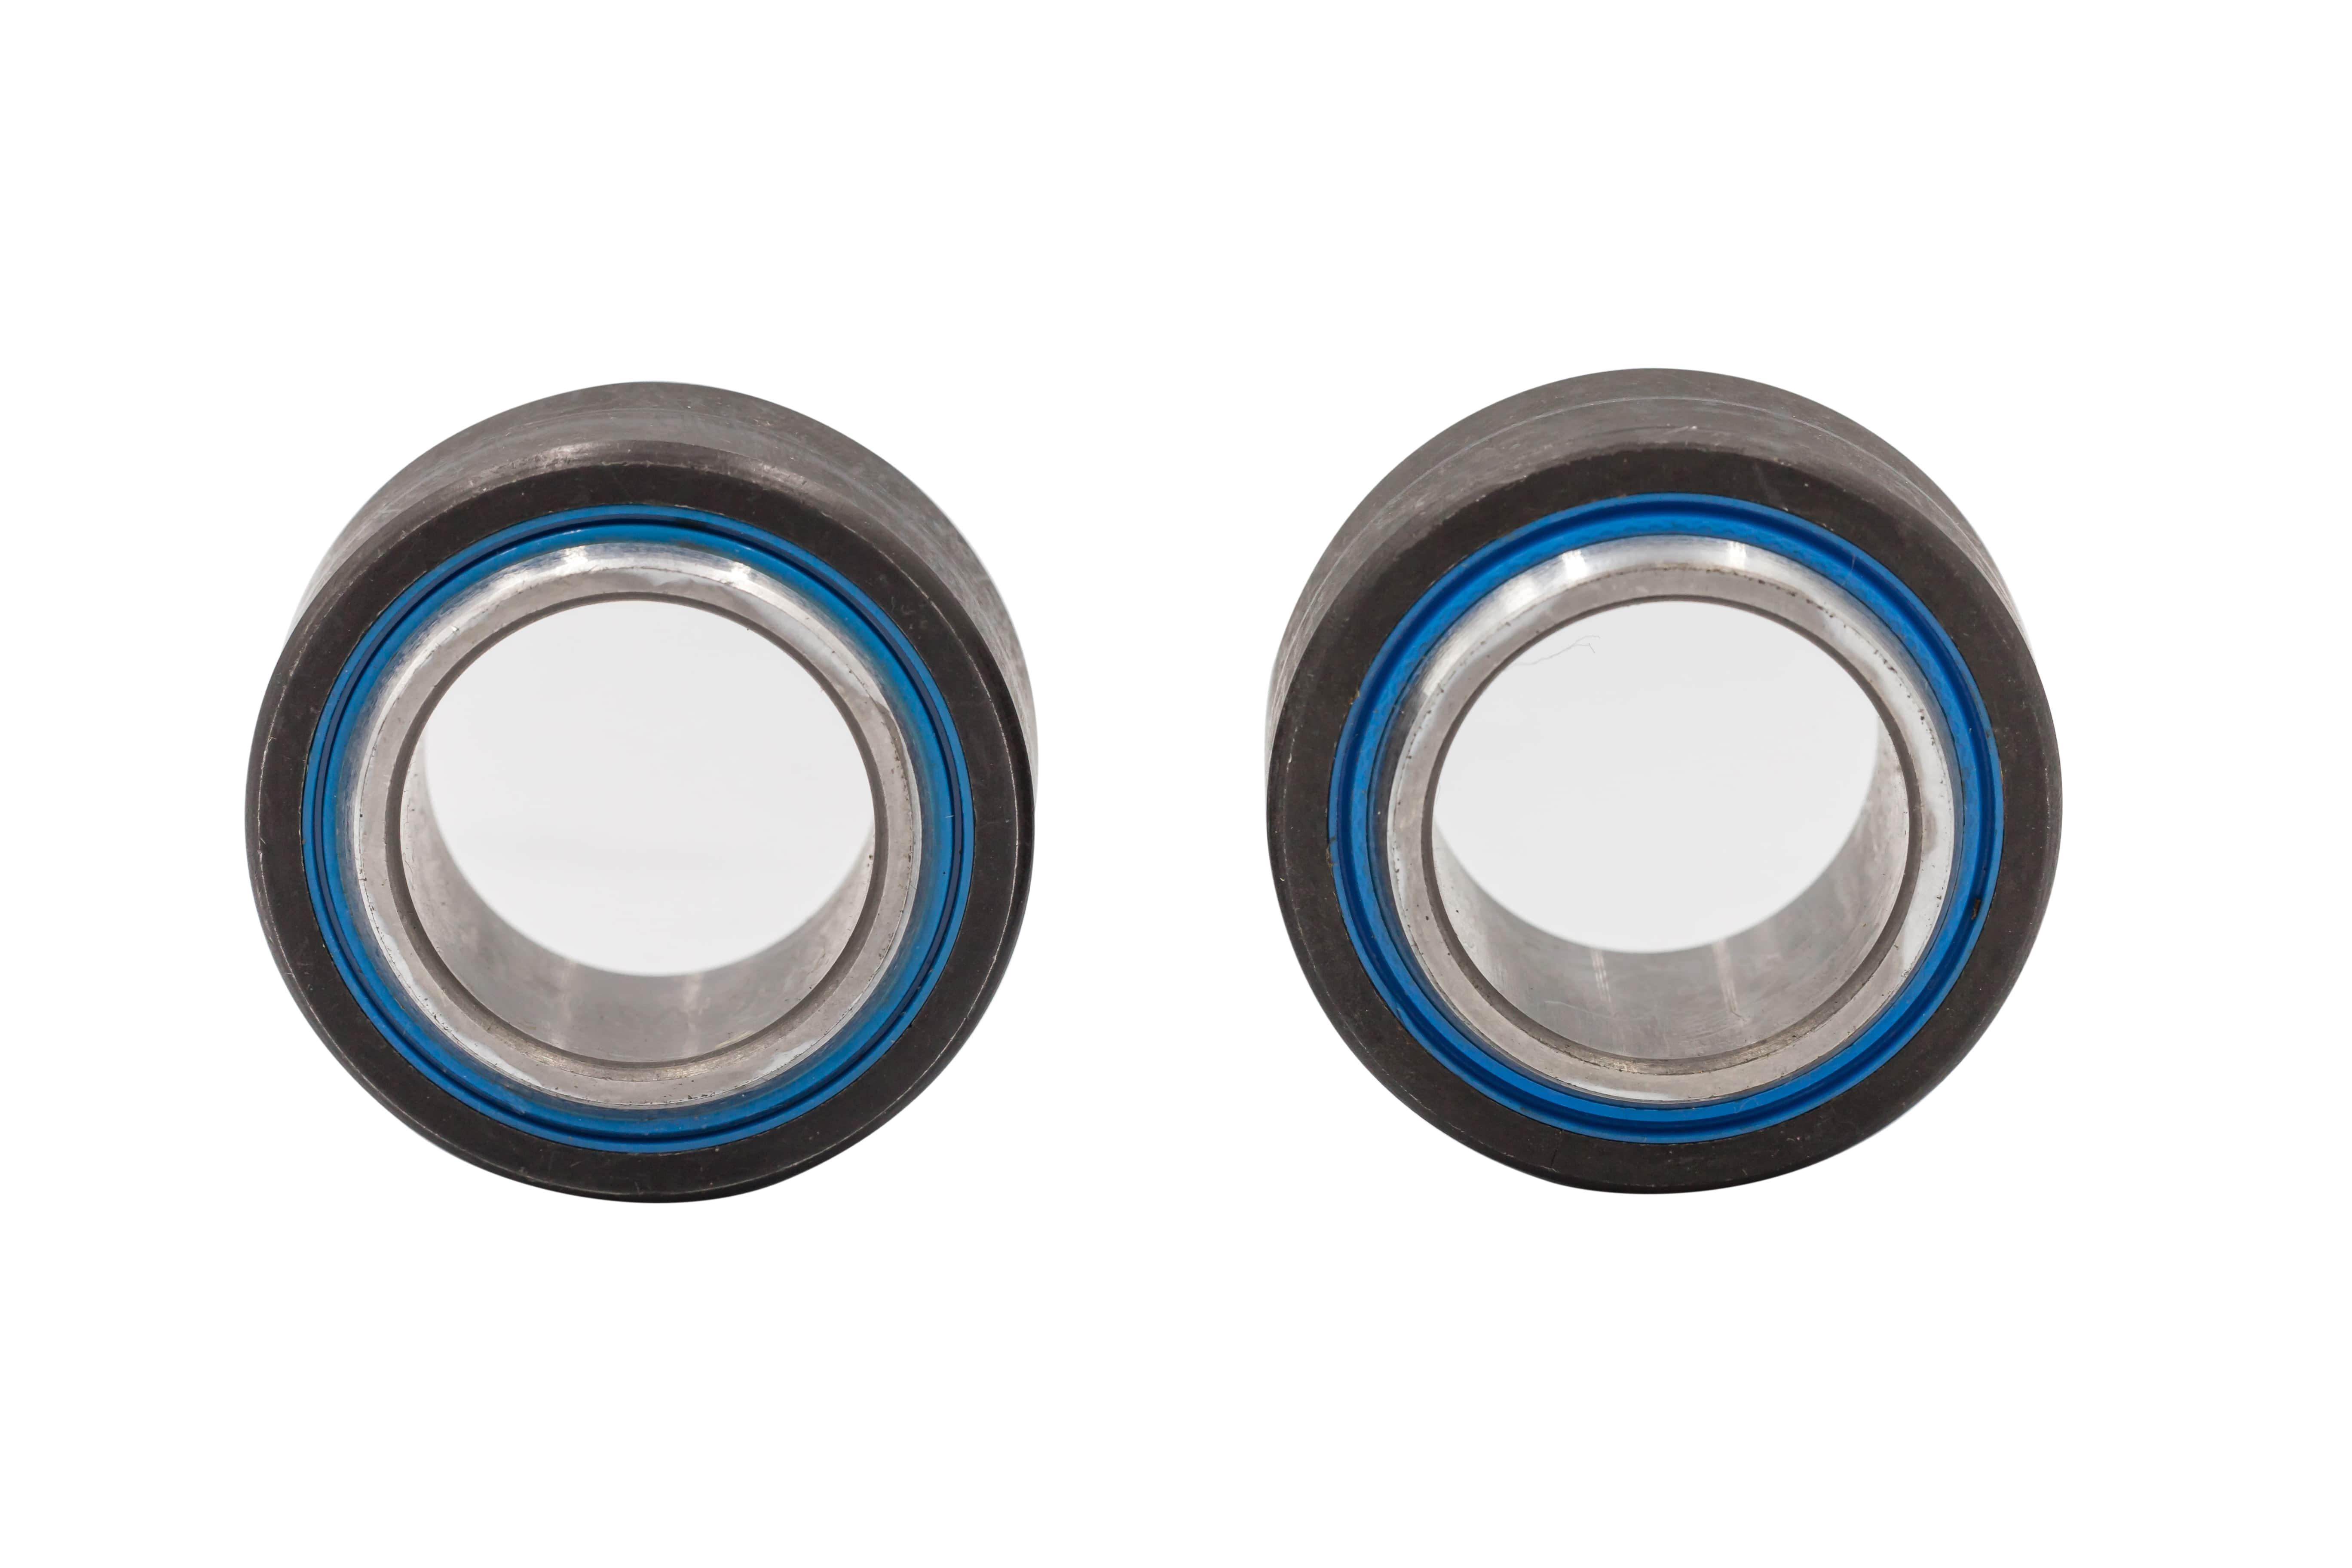 Bạc Đạn Mắt Trâu Tyben Nghiêng Khung Xe Nâng Điện Counterbalance EFG 316/320n - EFG 220/320